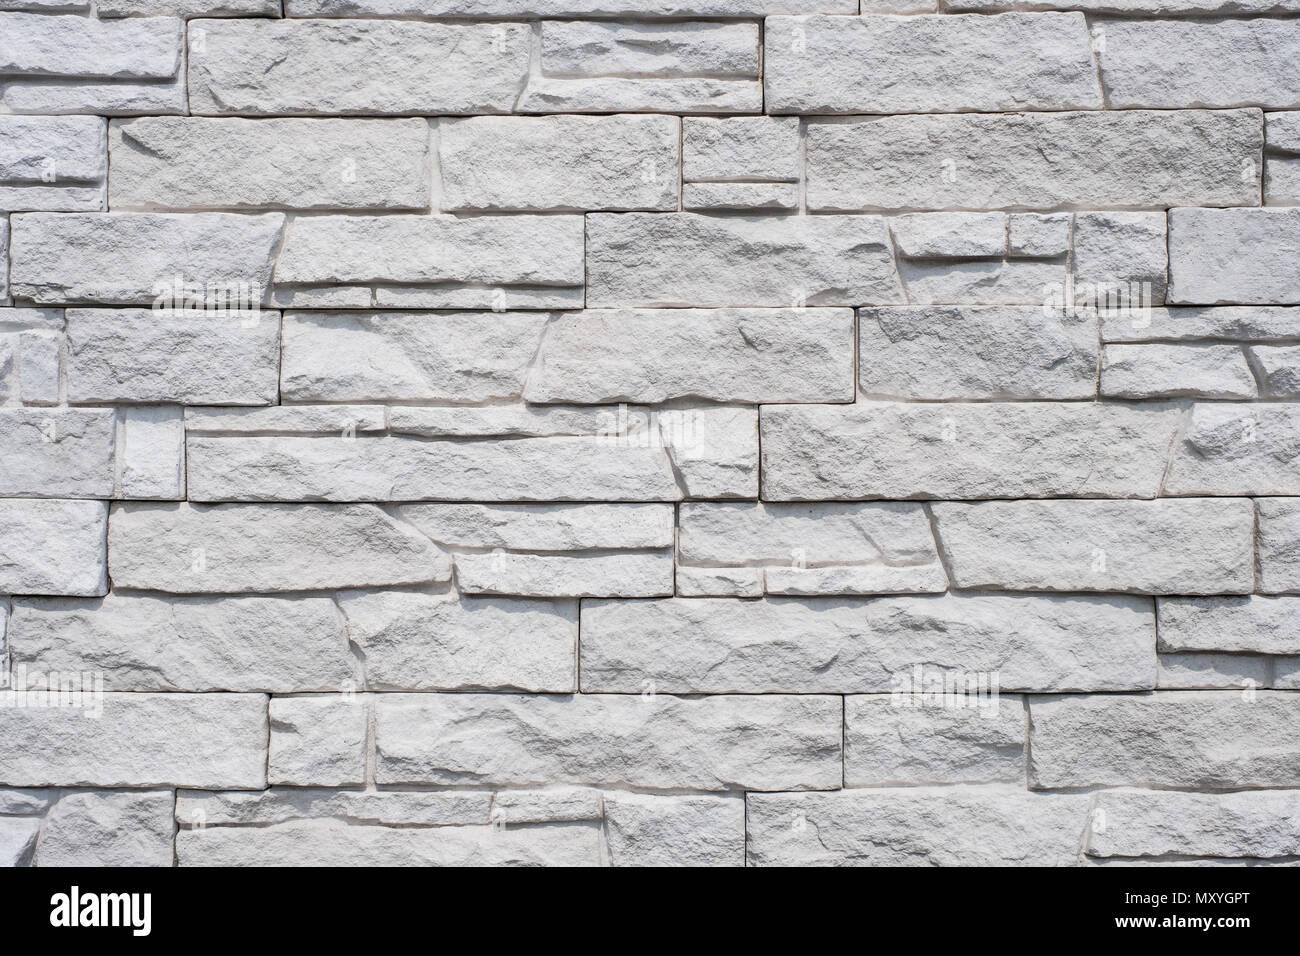 Fliesen  Naturstein Wand Hintergrund   Granit Stein Textur   Vorgefertigte  Fliesen Platten Innen